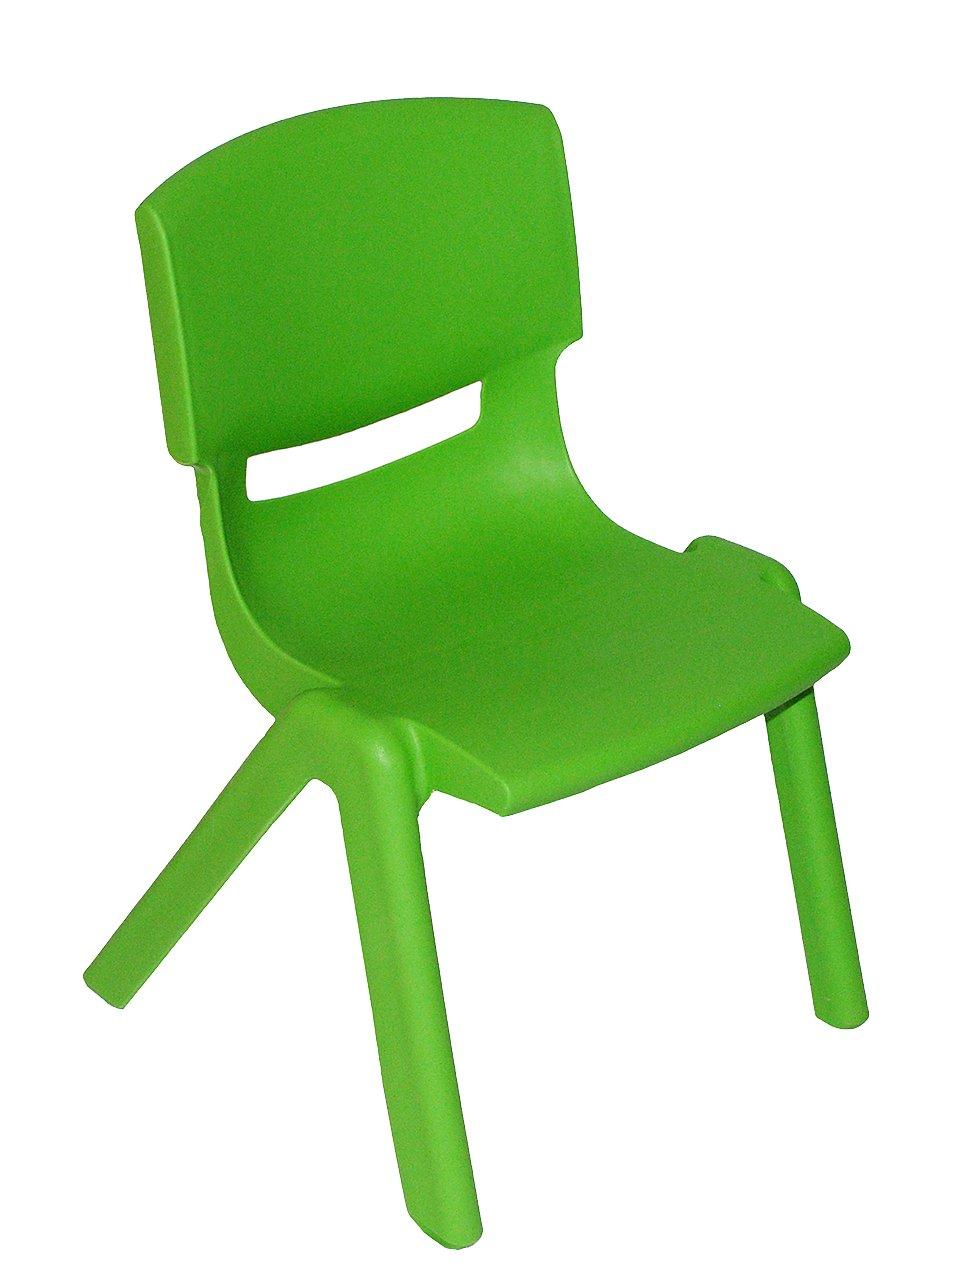 Kinderstuhl – GRÜN – stapelbar / kippsicher / bis 100 kg belastbar – für INNEN & AUßEN – Kindermöbel für Mädchen & Jungen – Plastik / Kunststoff – Stuhl Stühle / Kinderzimmer / Plastikstuhl – Kinder – Gartenmöbel online kaufen